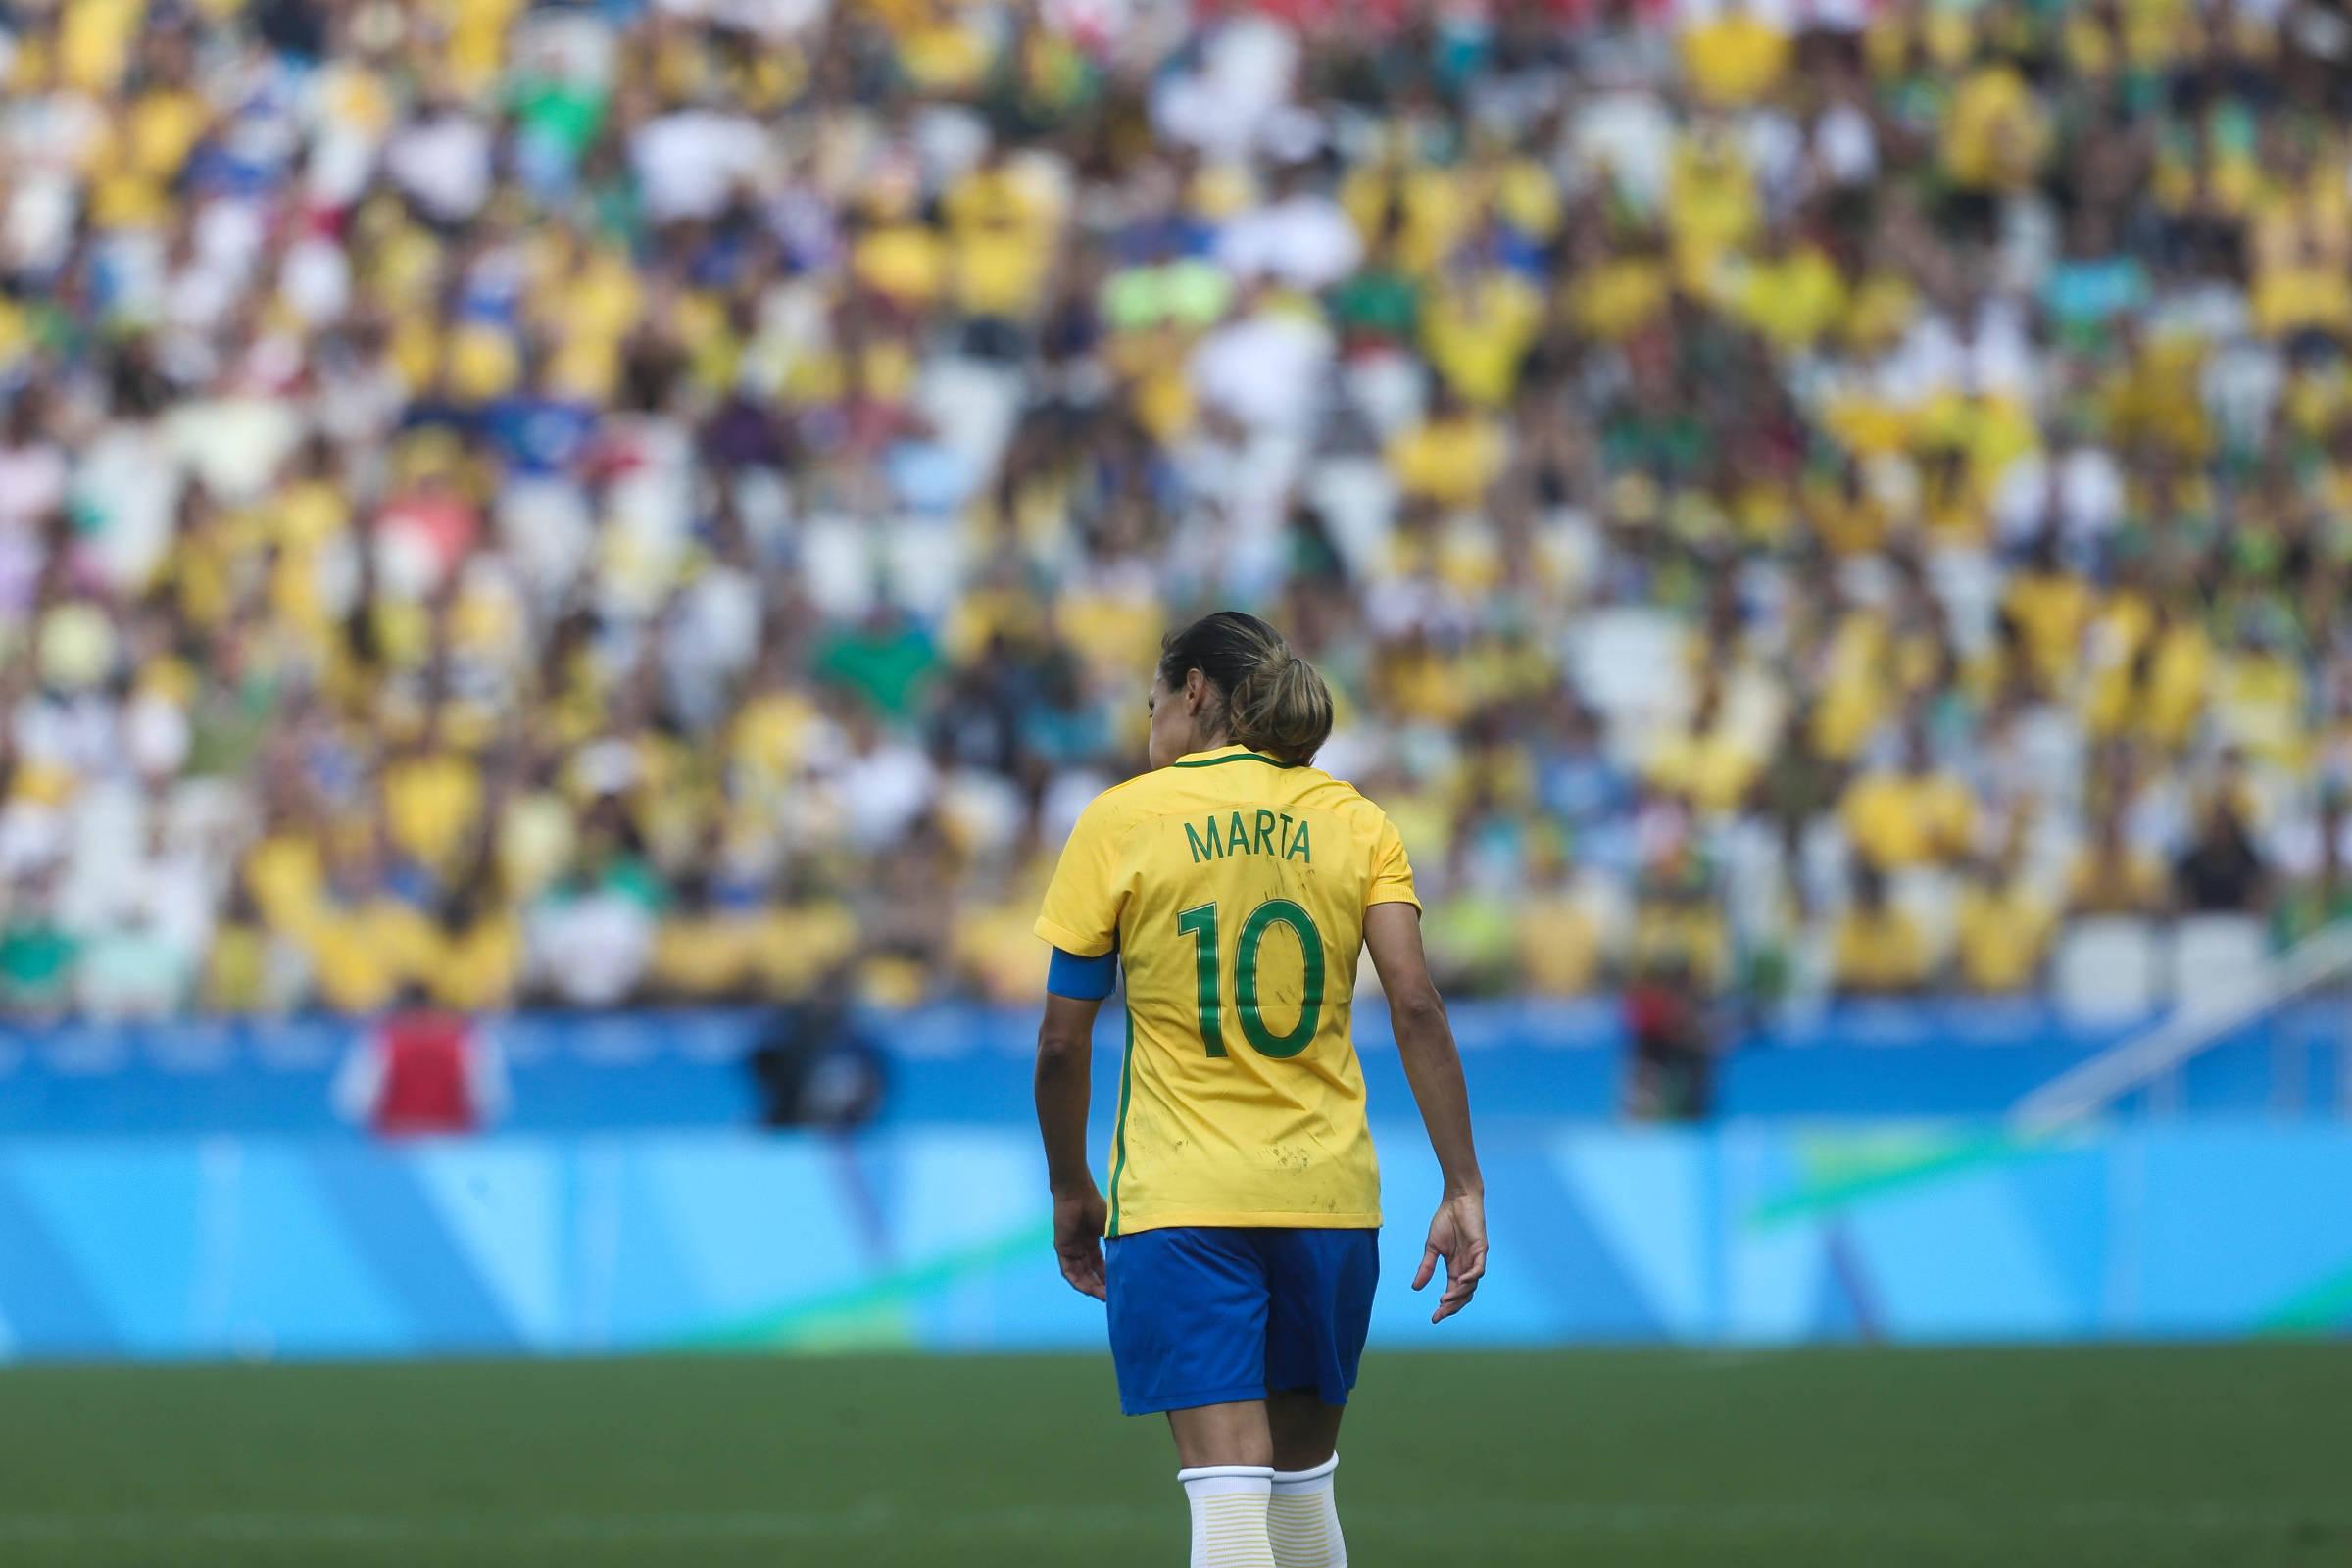 Futebol feminino é alternativa para ressaca da Copa - 10 07 2018 - Edgard  Alves - Folha 84605ff4de796